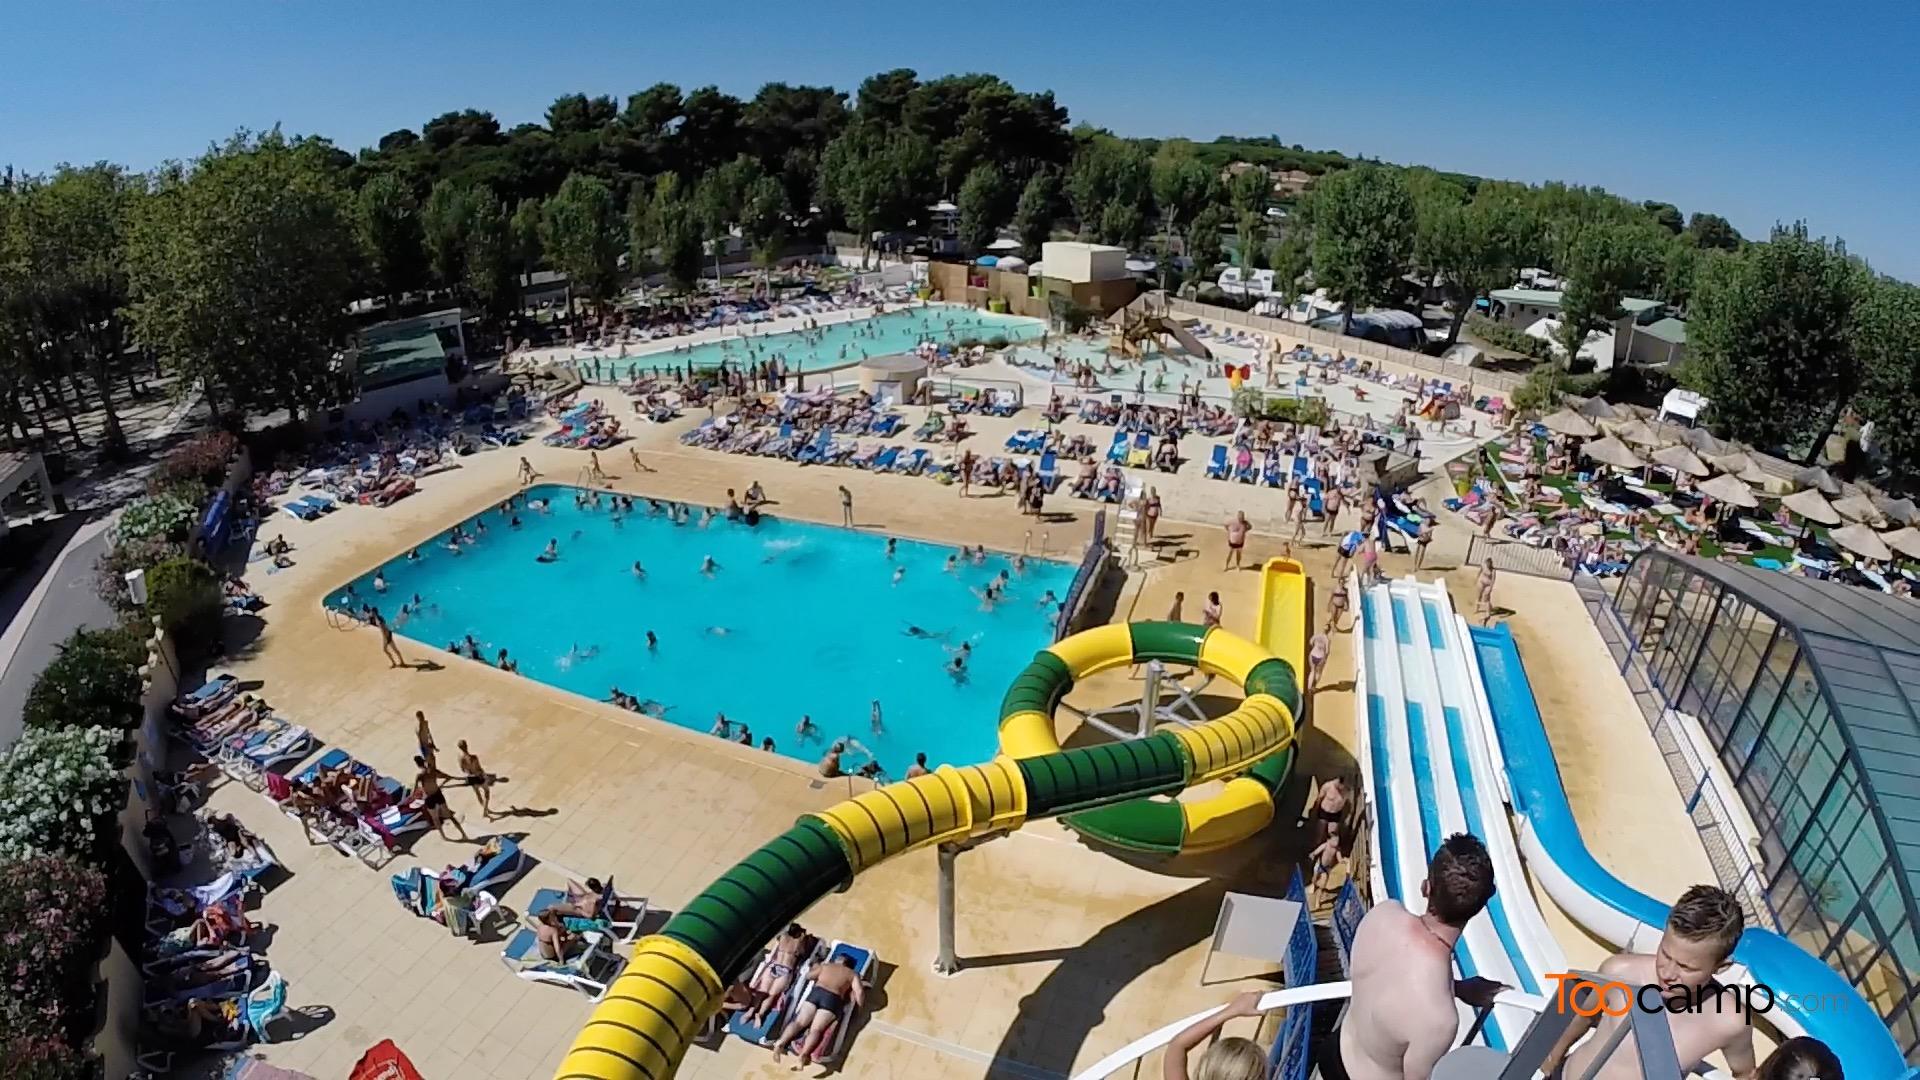 Camping - Valras-Plage - Languedoc-Roussillon - Le Domaine de la Yole